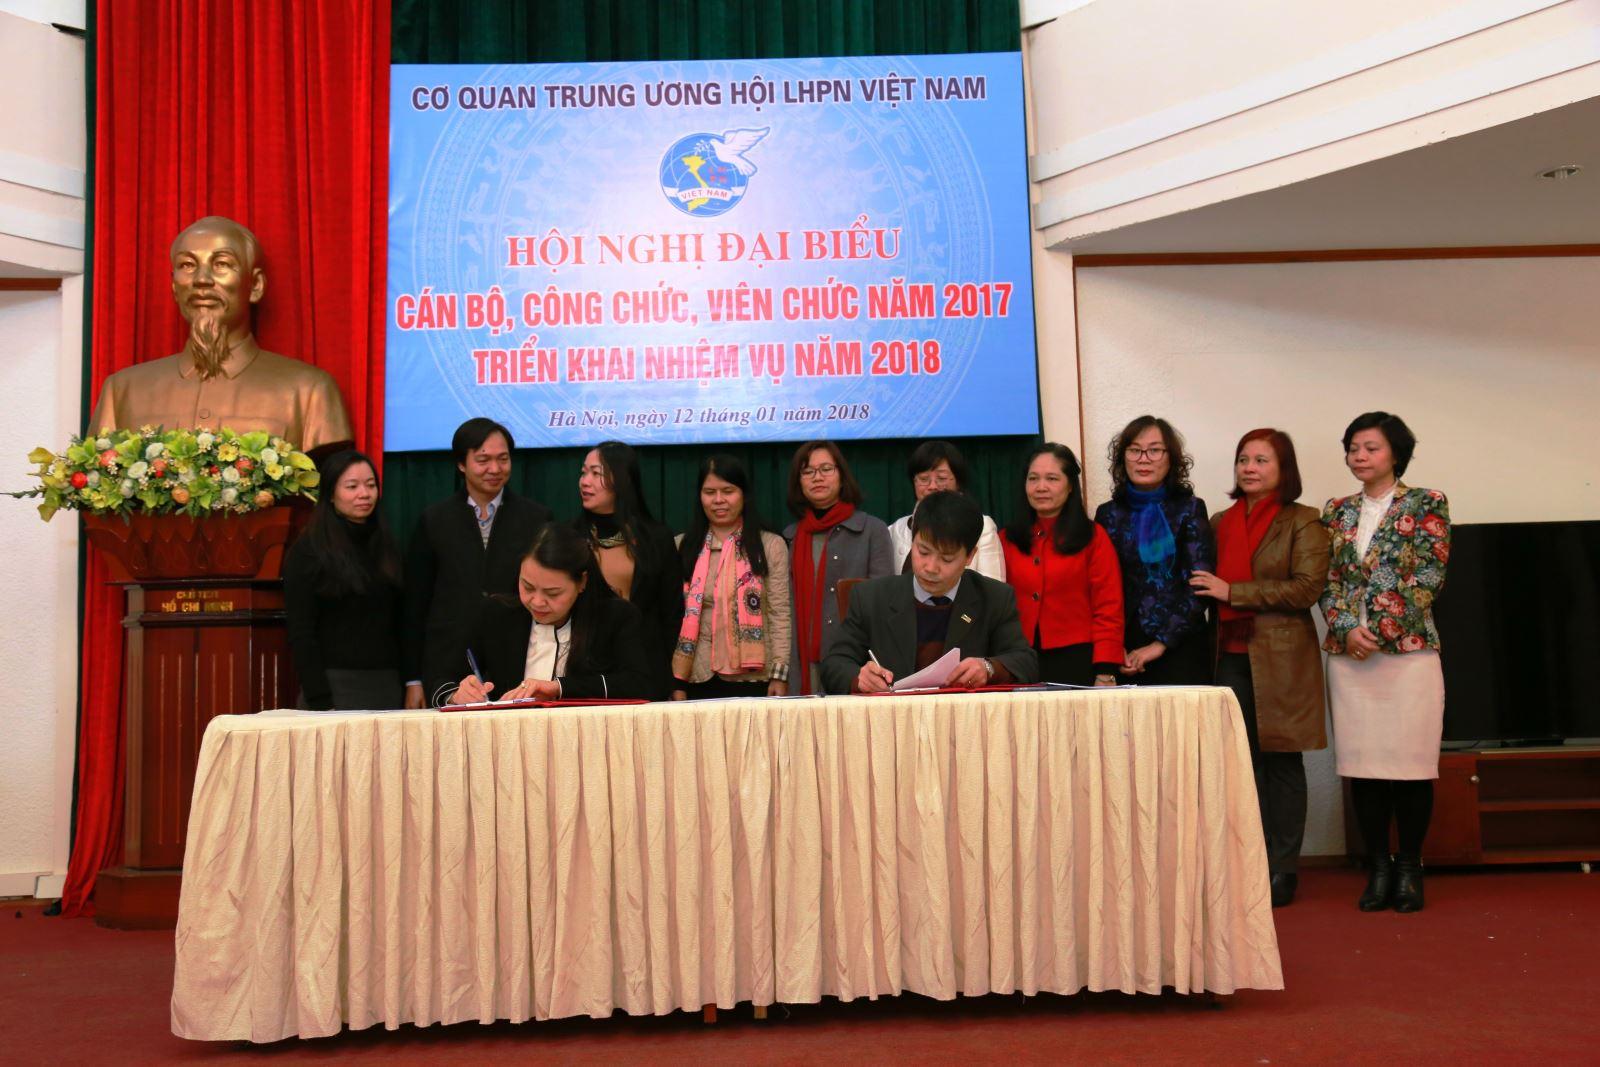 Học viện Phụ nữ Việt Nam nhận cờ thi đua xuất sắc năm 2017 của Đoàn Chủ tịch Hội LHPN Việt Nam